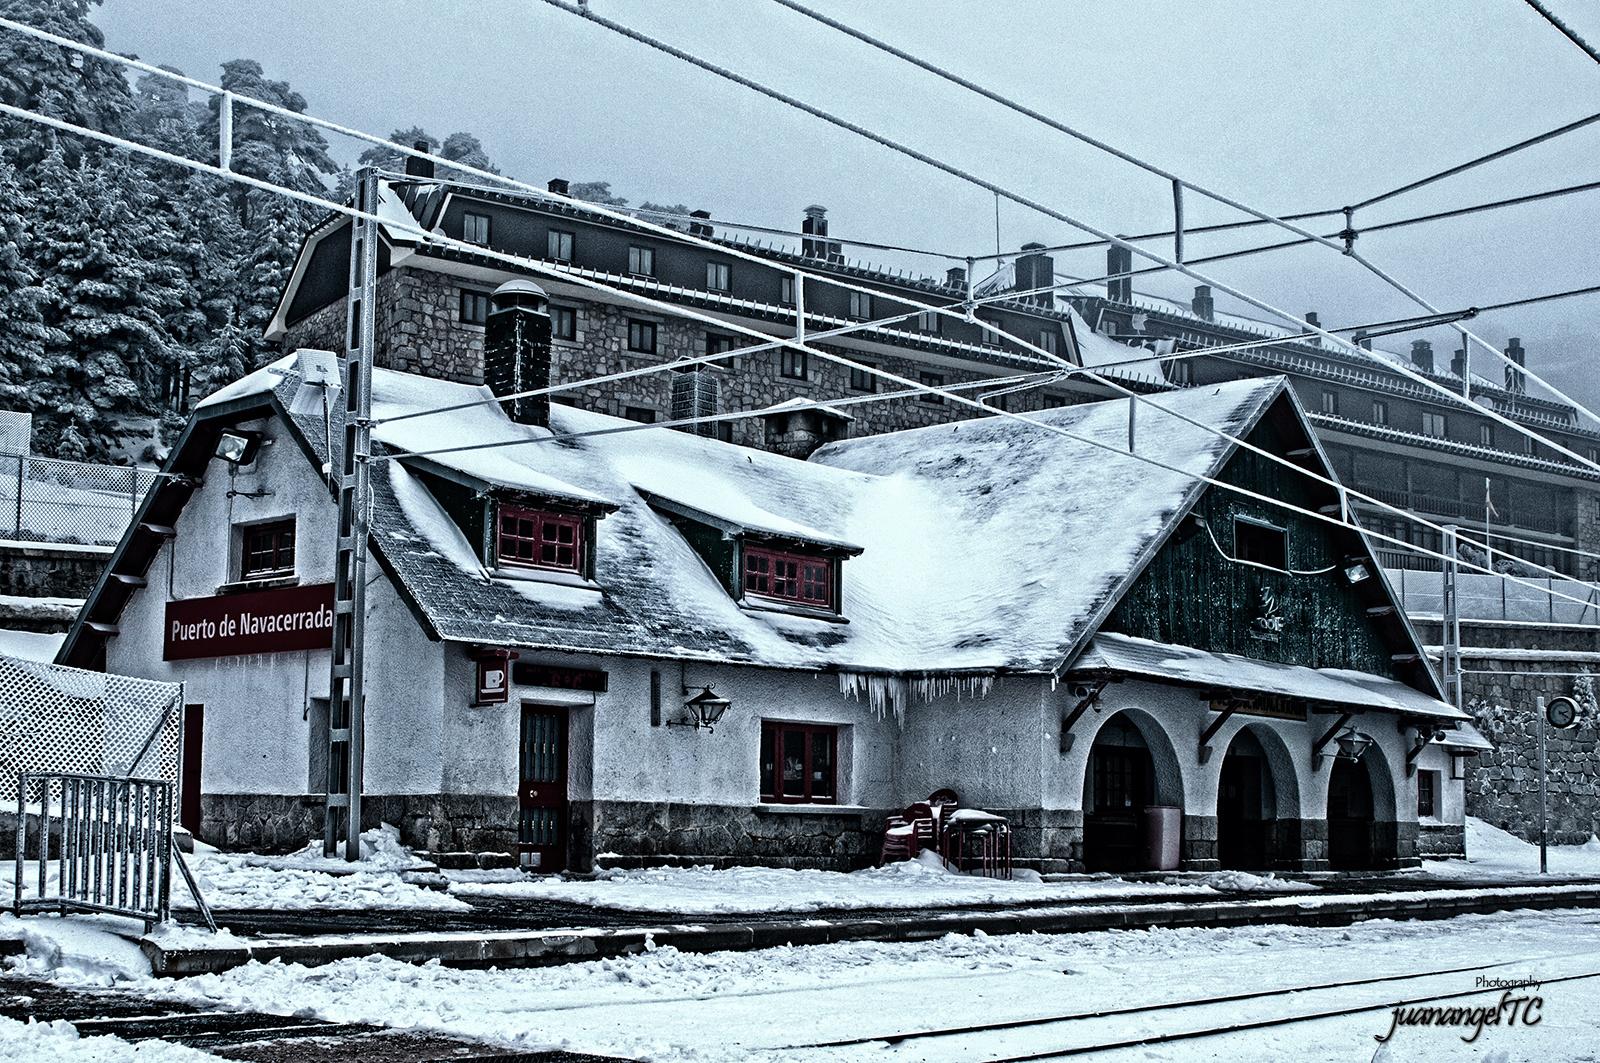 La fria estación